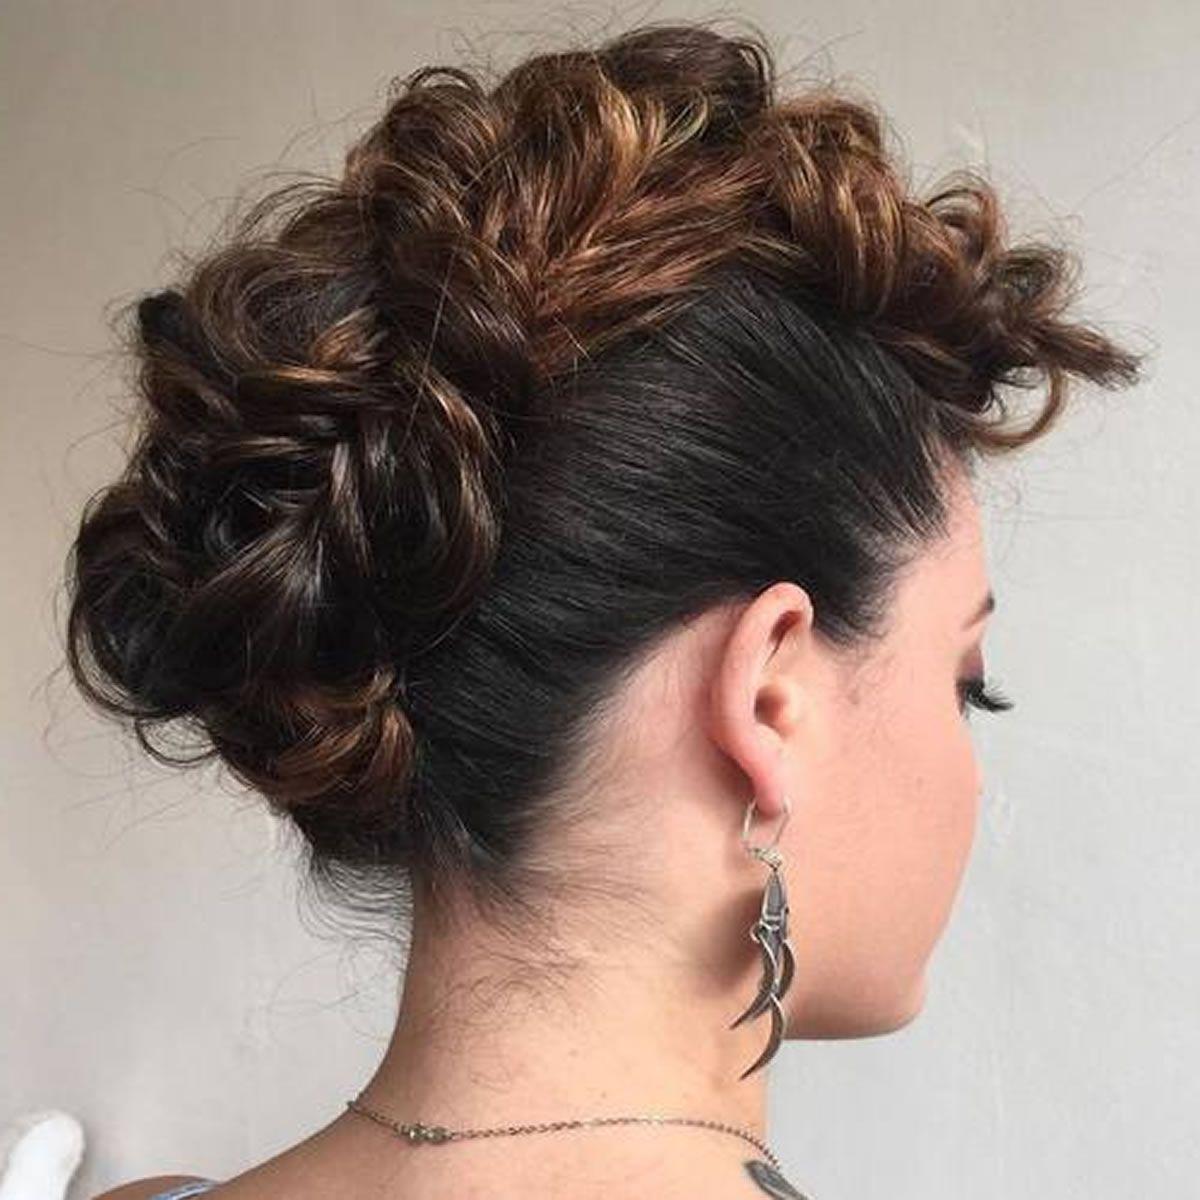 Most Recent Glamorous Mohawk Updo Hairstyles In 30 Glamorous Geflochtene Mohawk Frisuren Für Mädchen Und Frauen (View 3 of 20)